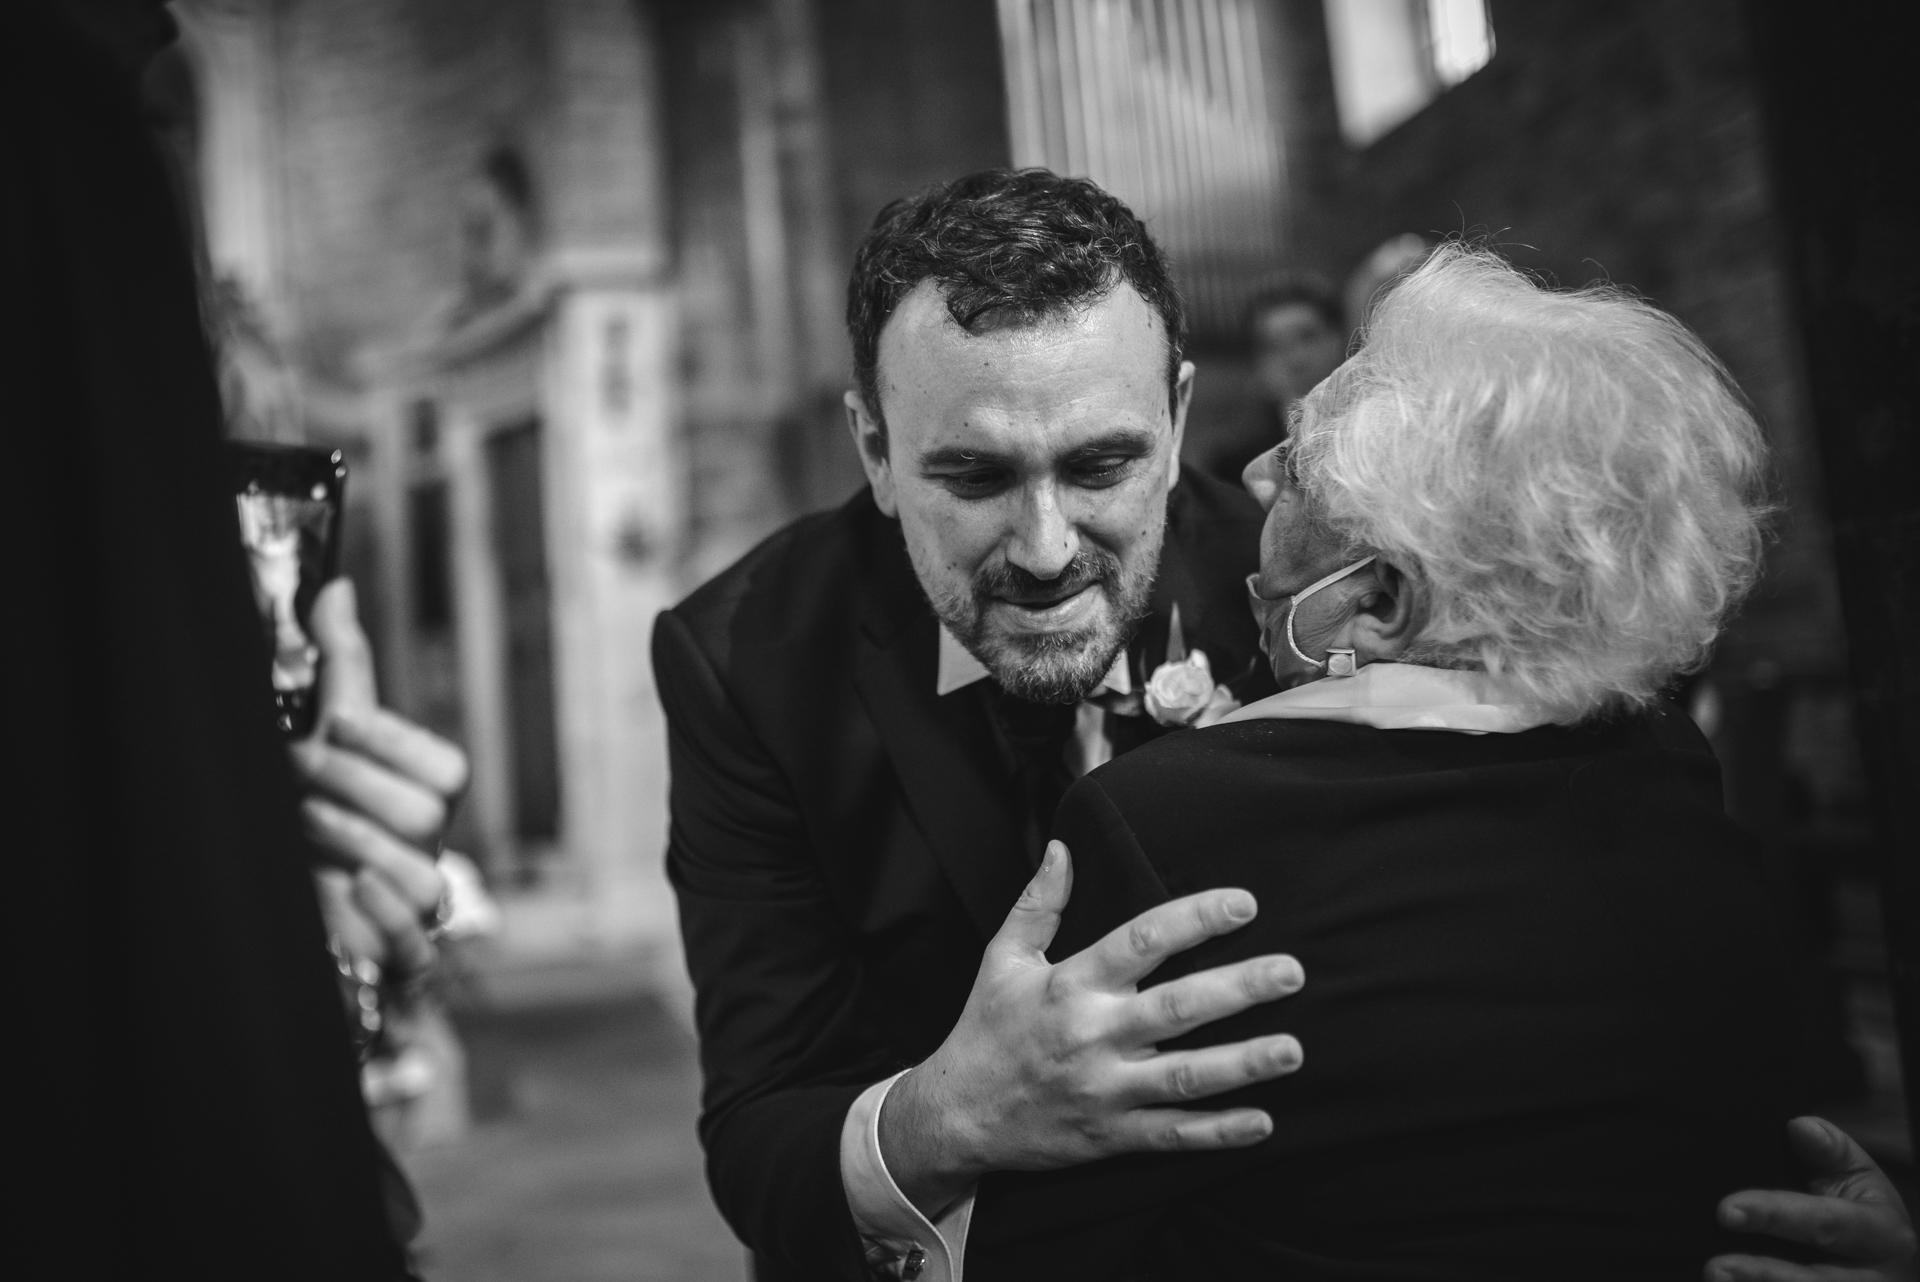 Toskania Elopement Photographer | Wszyscy goście chętnie dzielą się z parą miłością i emocjami